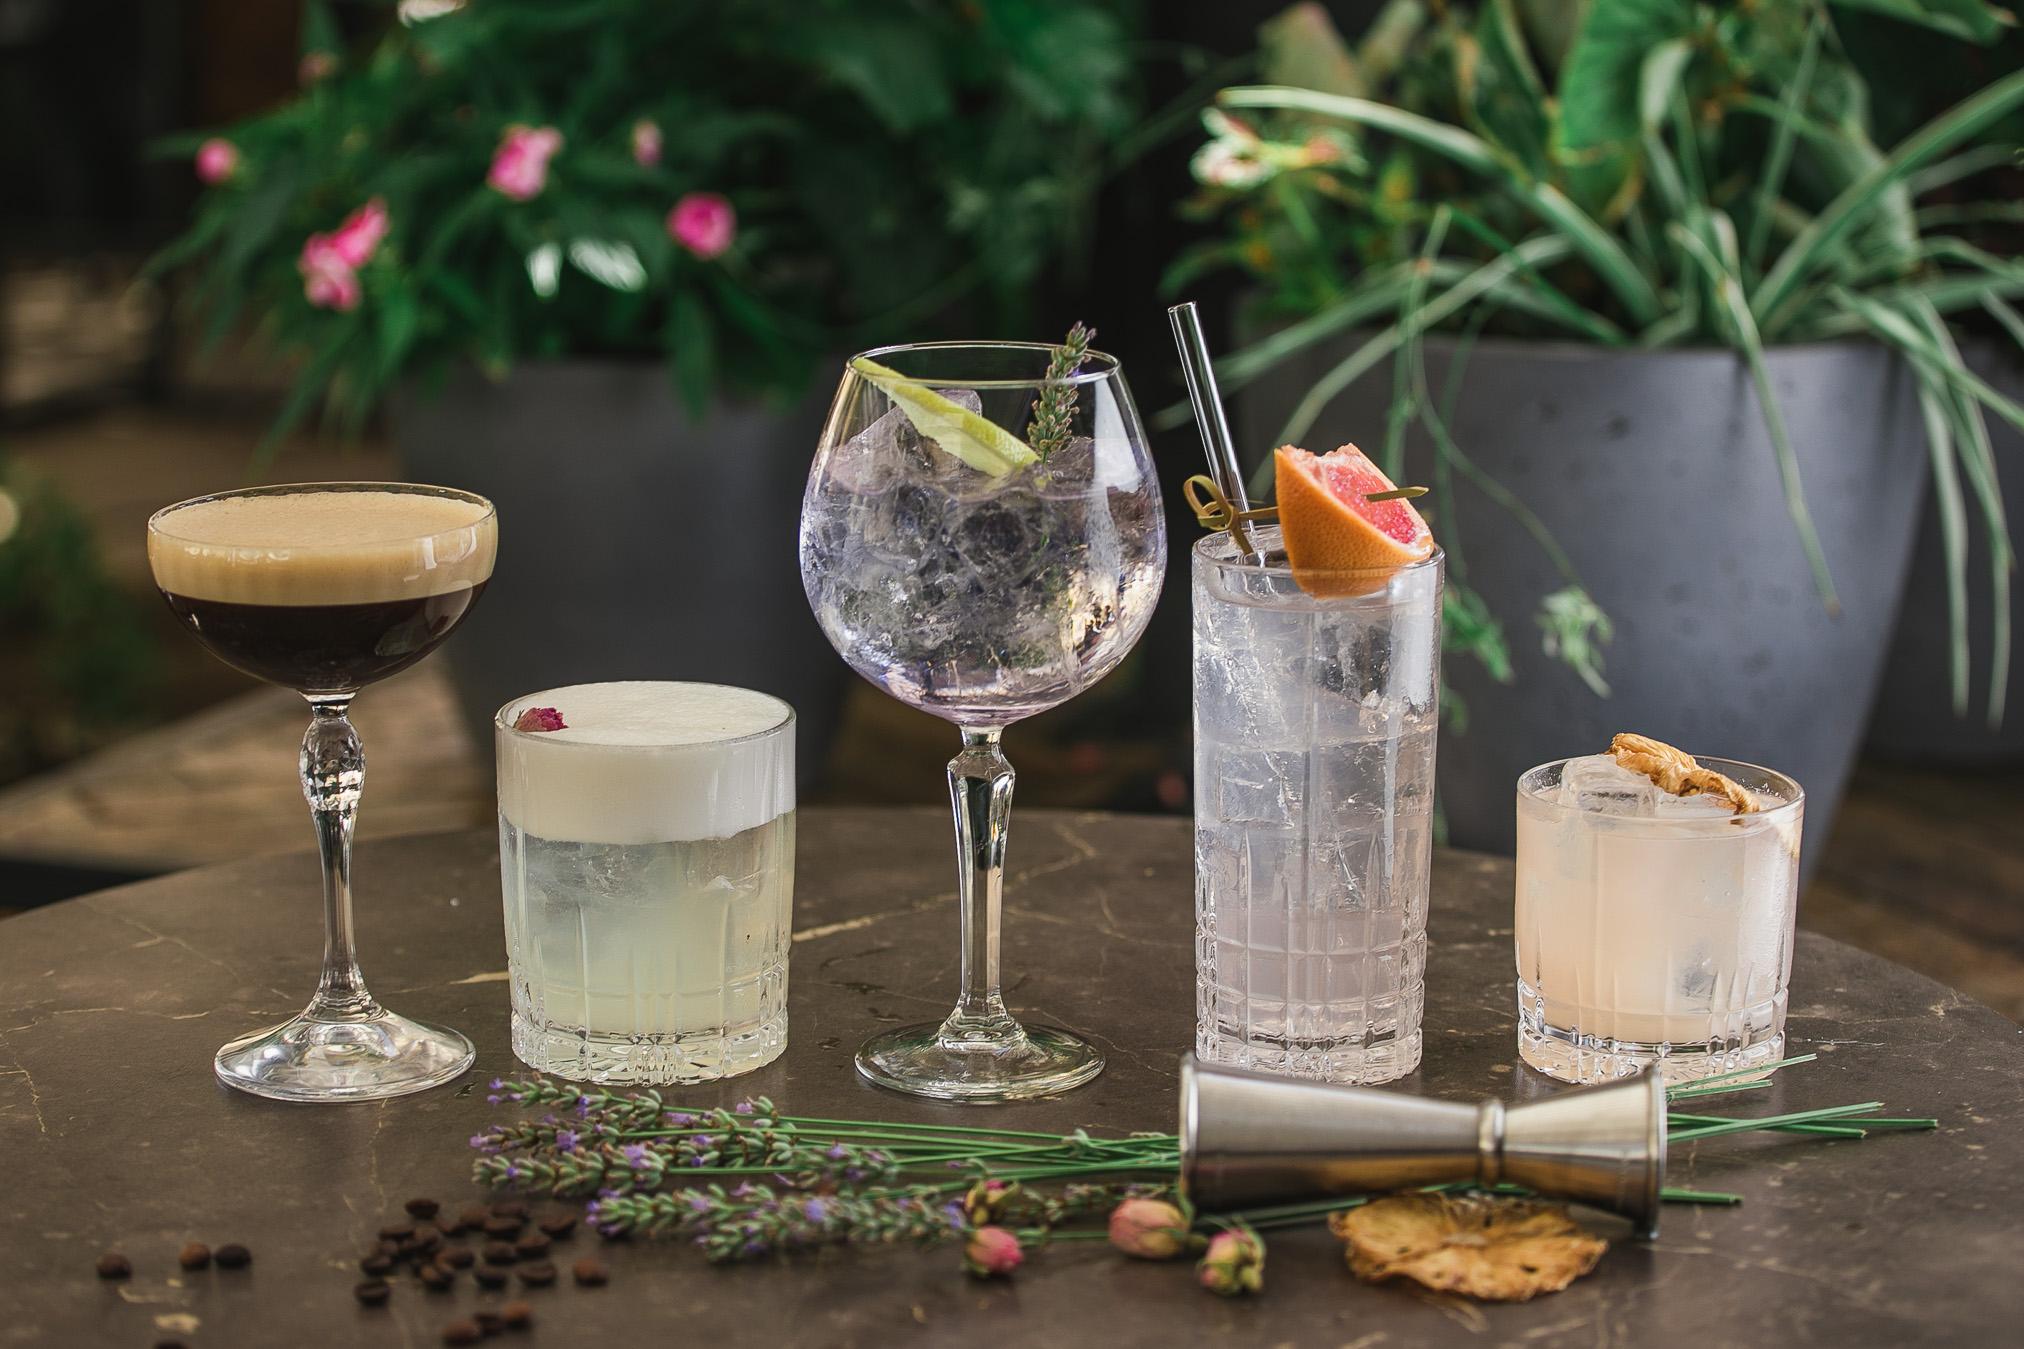 Teatro degustacijski cocktail menu četvrtkom novi je hit u Rijeci!